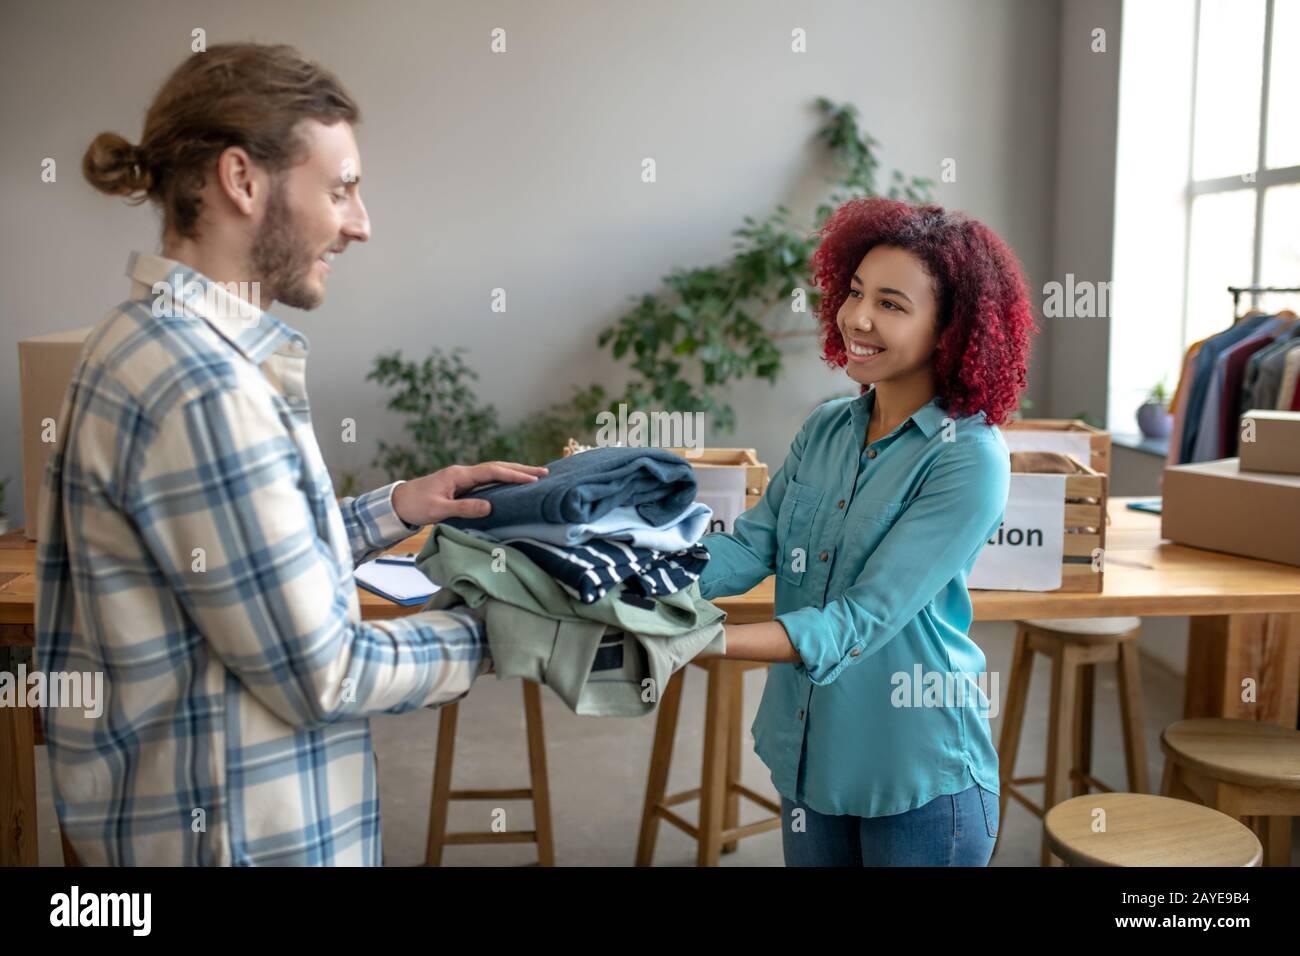 Jeune fille et homme emballage des vêtements pour aider ceux dans le besoin. Banque D'Images